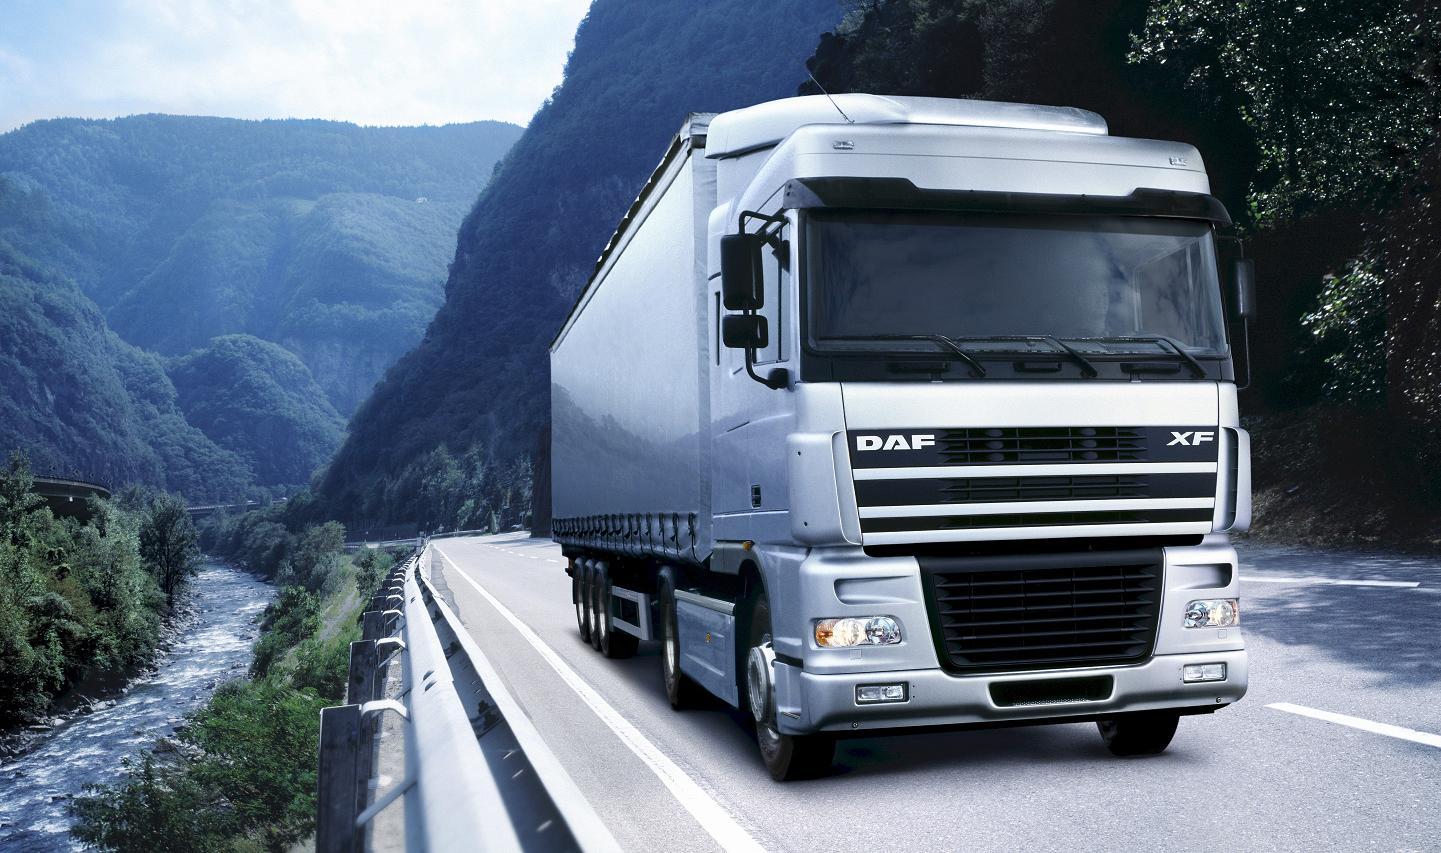 باربری ارزان به کیش با کامیون